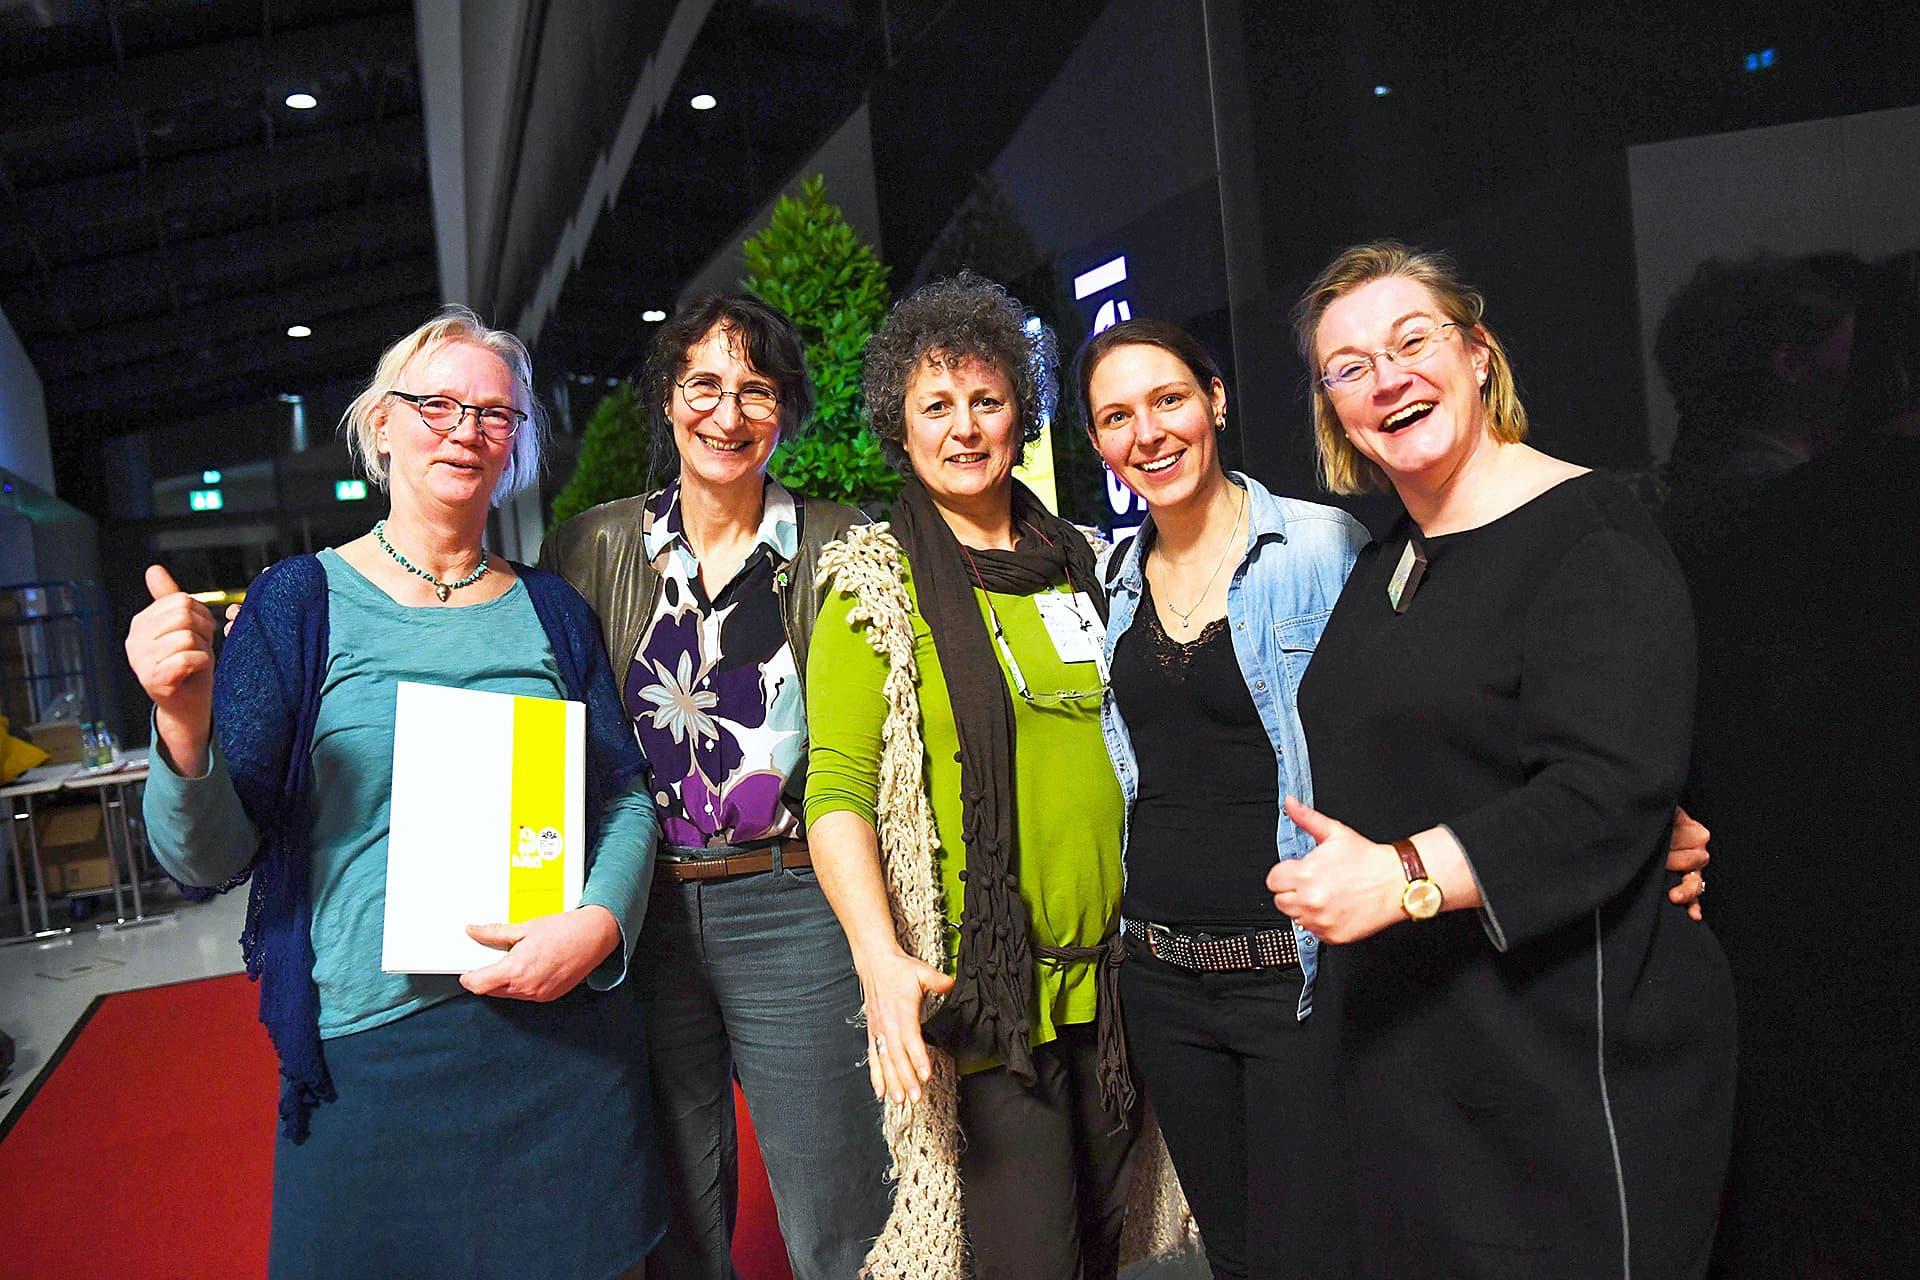 Elke Röder, Geschäftsführerin vom Bundesverband Naturkost Naturwaren posiert mit Siegern der Leserwahl.